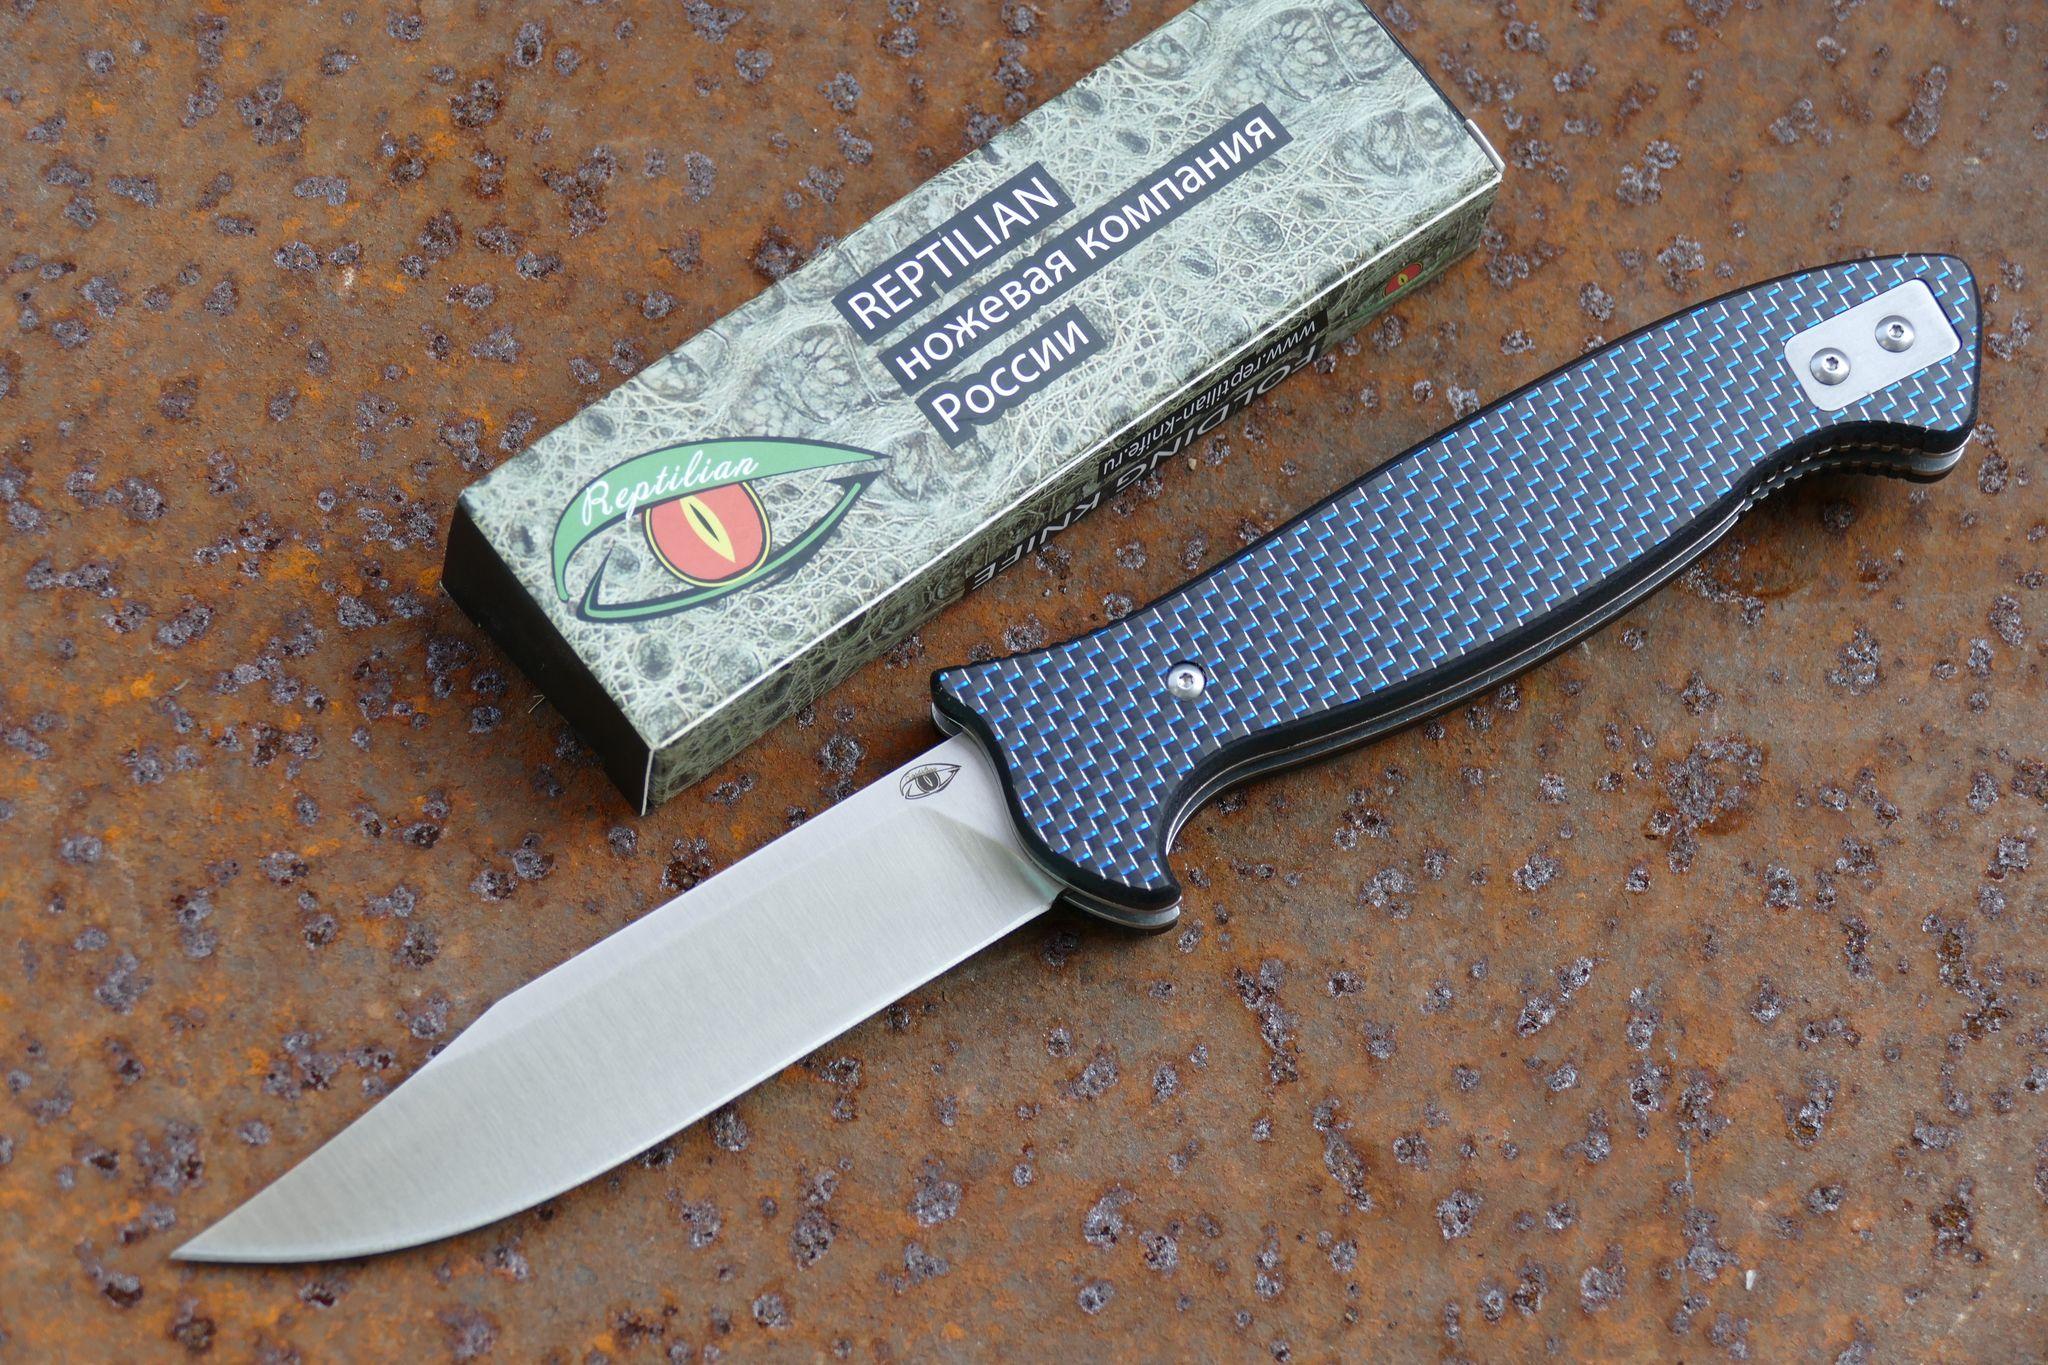 Складной Нож Разведчика, карбон синийРаскладные ножи<br>марка стали: D2твёрдость: HRC60-61длина общая: 255ммдлина клинка: 113ммширина клинка наибольшая: 25ммтолщина обуха: 3.5ммобработка клинка: stonewashвес: 217гр<br>